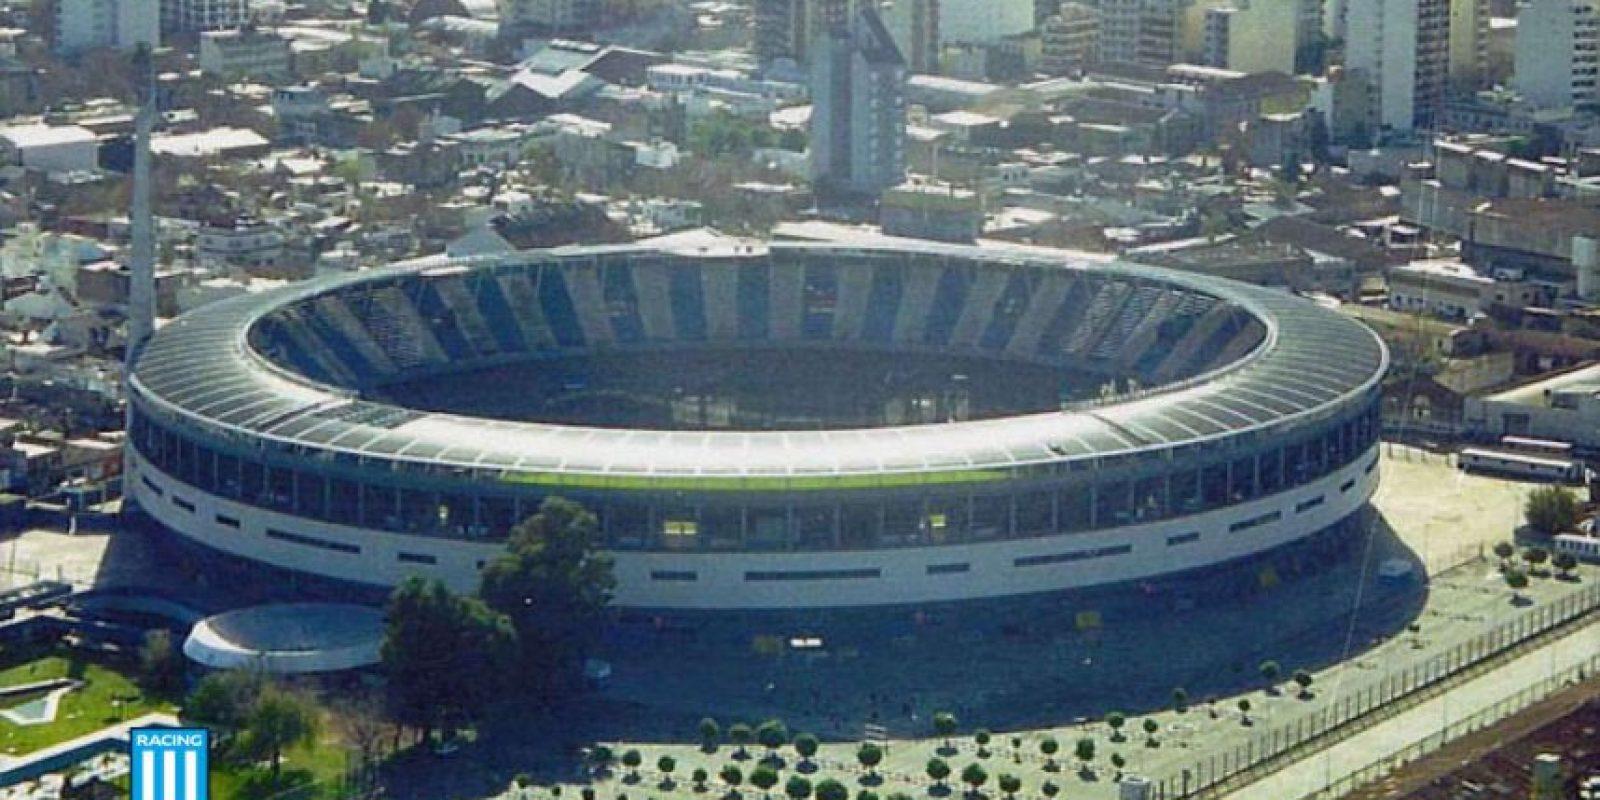 Los gatos muertos de Racing: Es un mito que ronda en el fútbol argentino, pero que muchos lo toman como cierto. La historia dice que hinchas de Independiente enterraron siete gatos después que Racing ganara la Libertadores y el campeonato local de 1966. Pasaron 35 años para que vuelvan a ganar un título. Foto:Getty Images